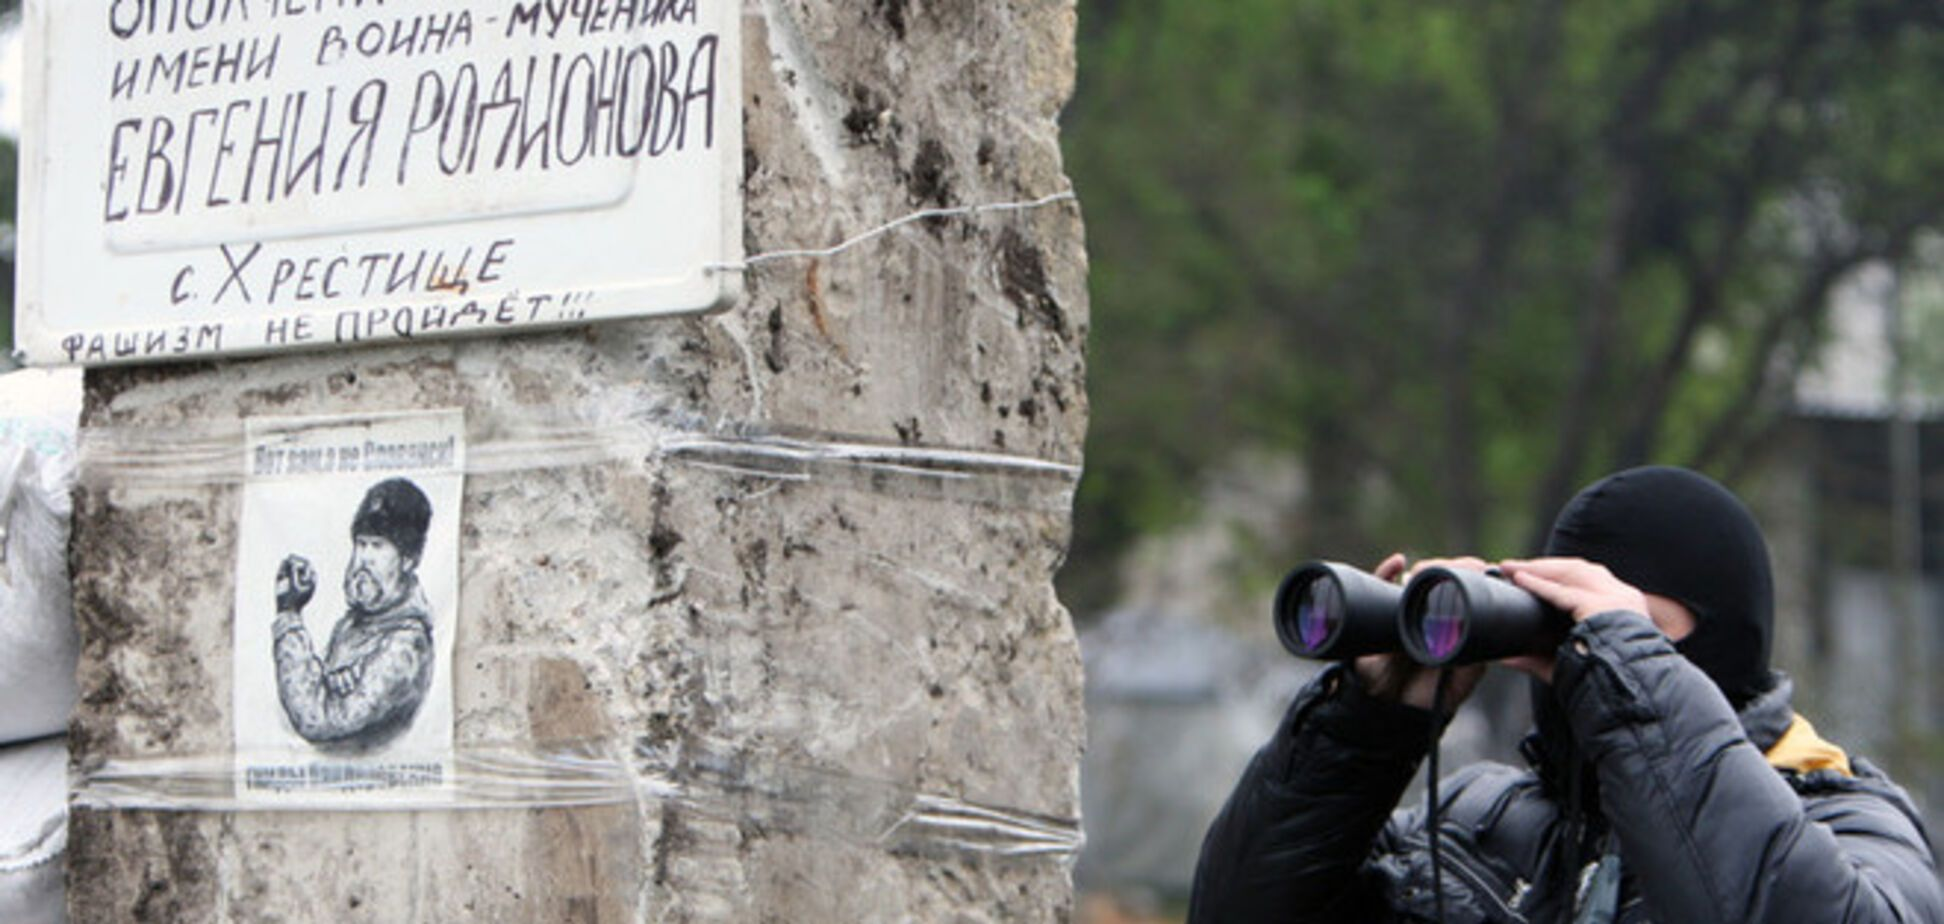 В Славянске обстреляли вертолет с медиками: есть раненый